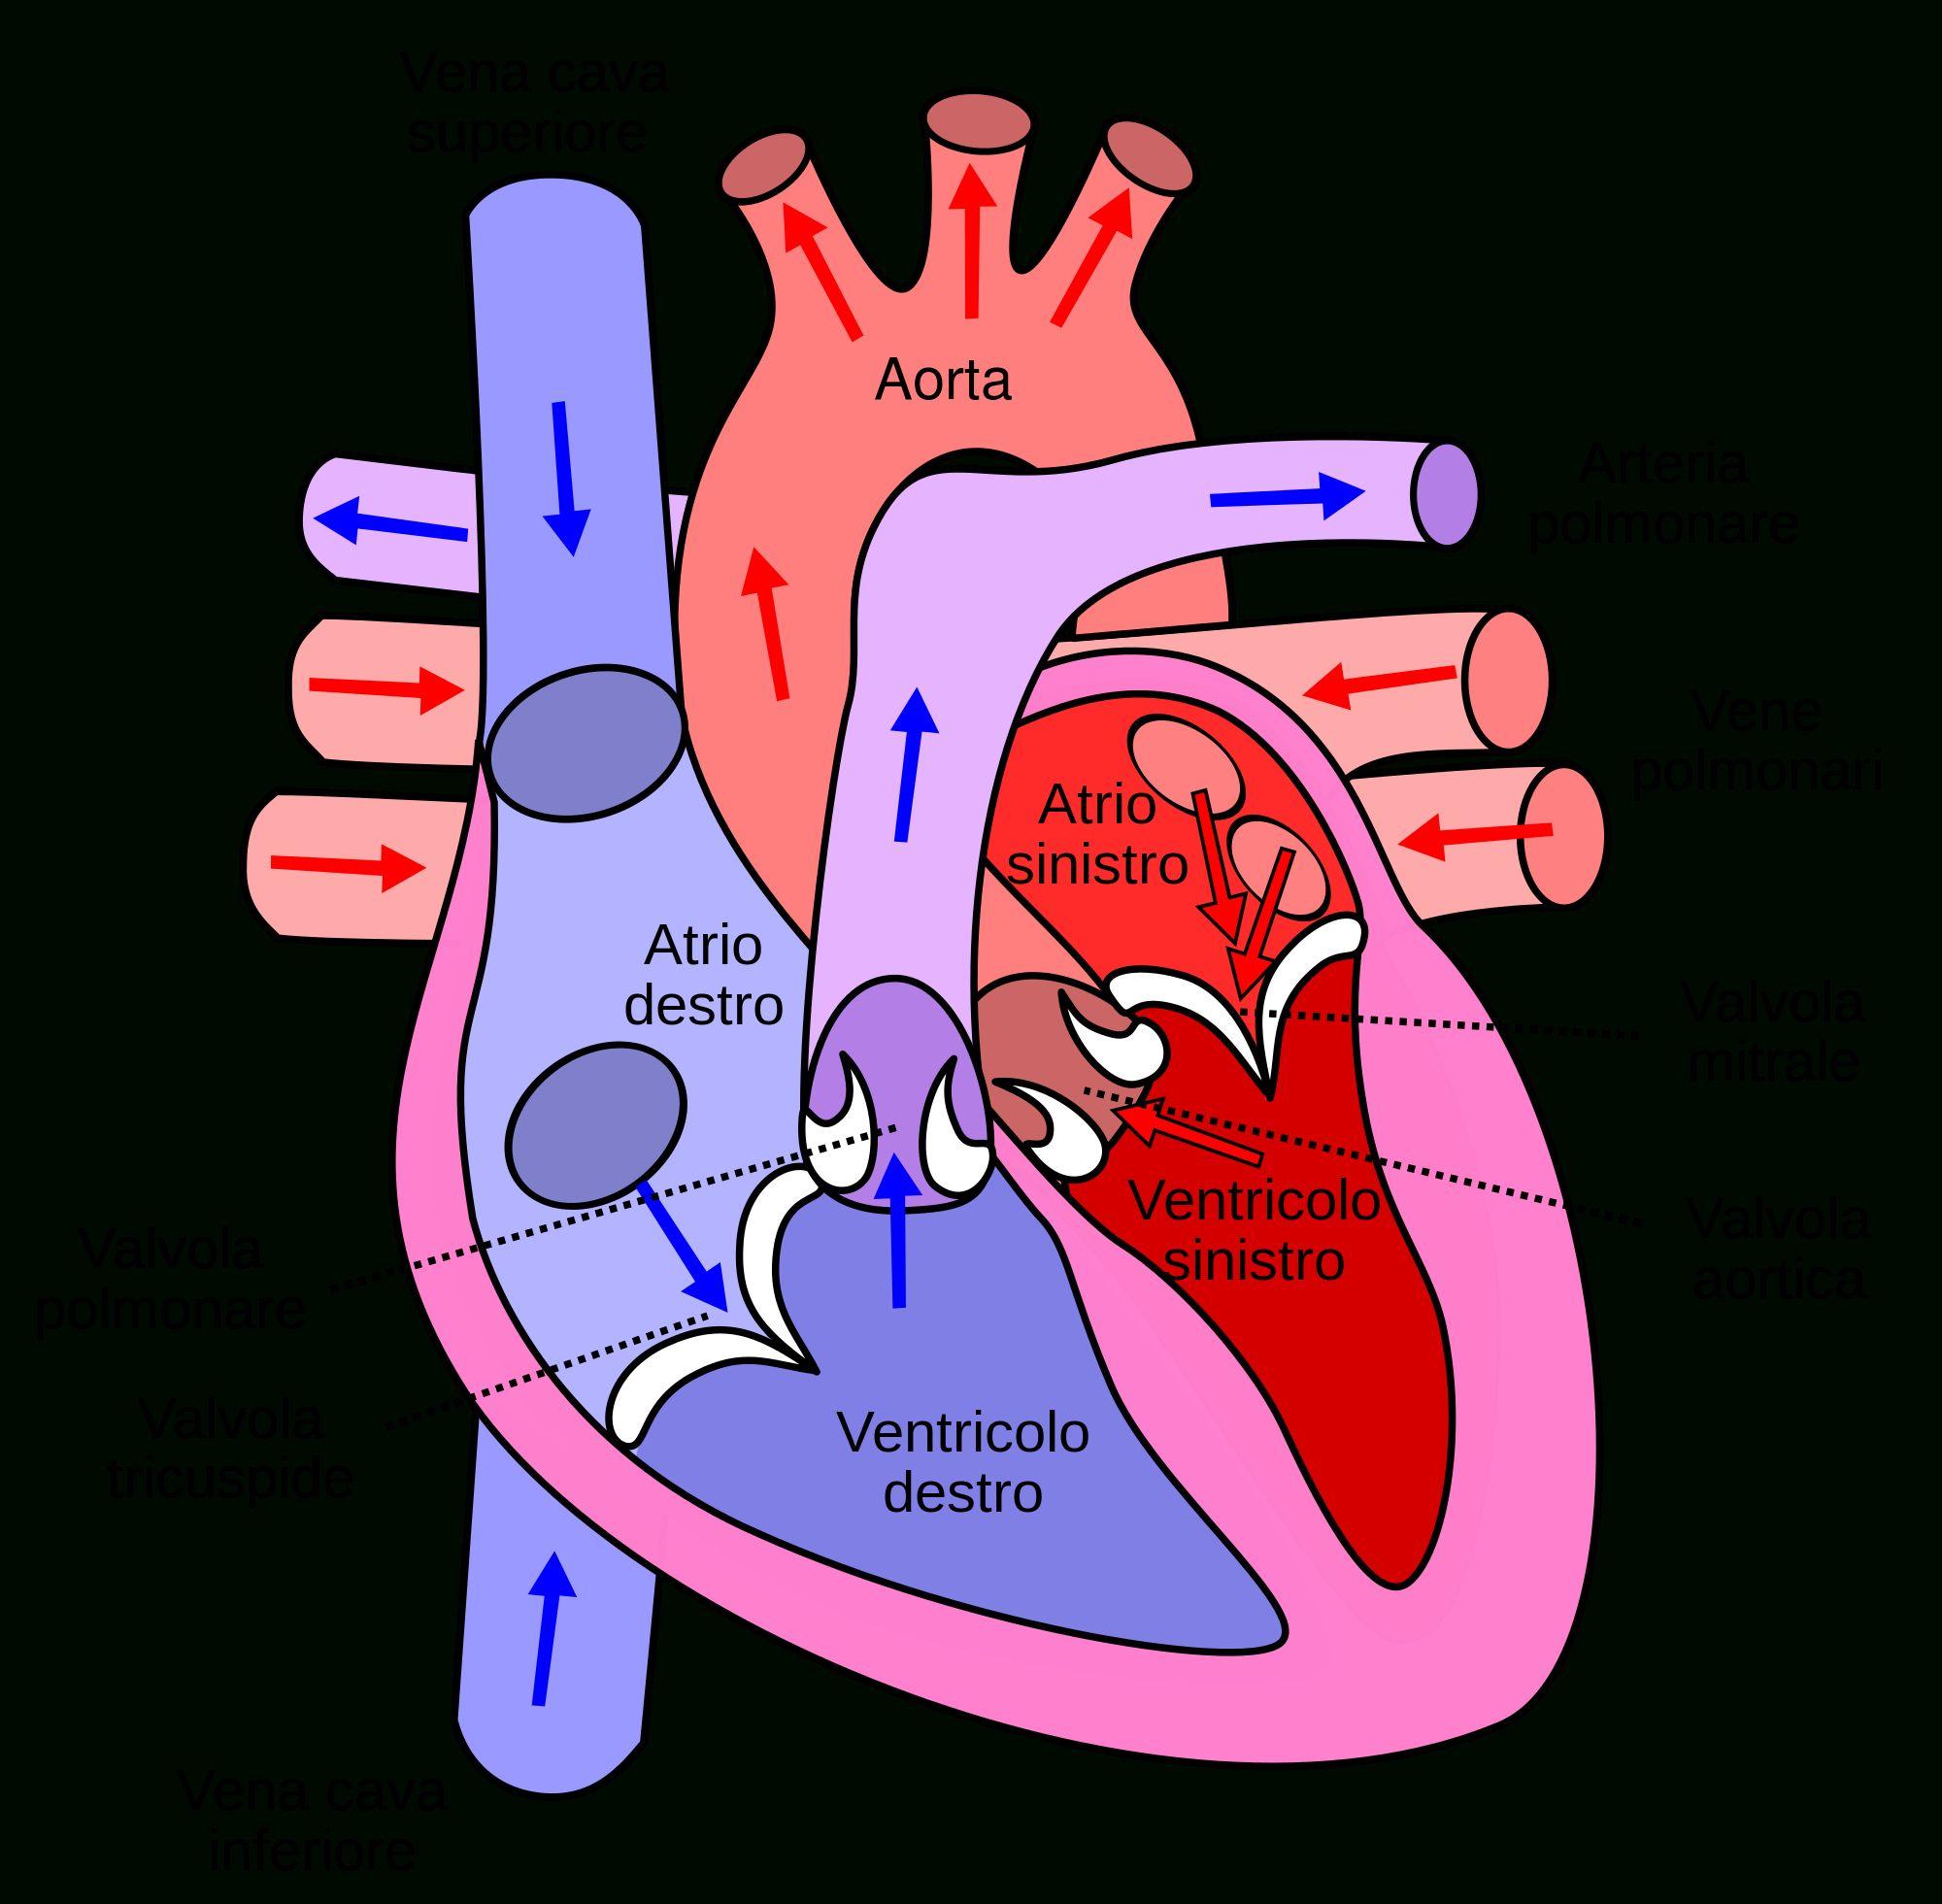 Human Circulatory System Diagram Labeled Circulatory